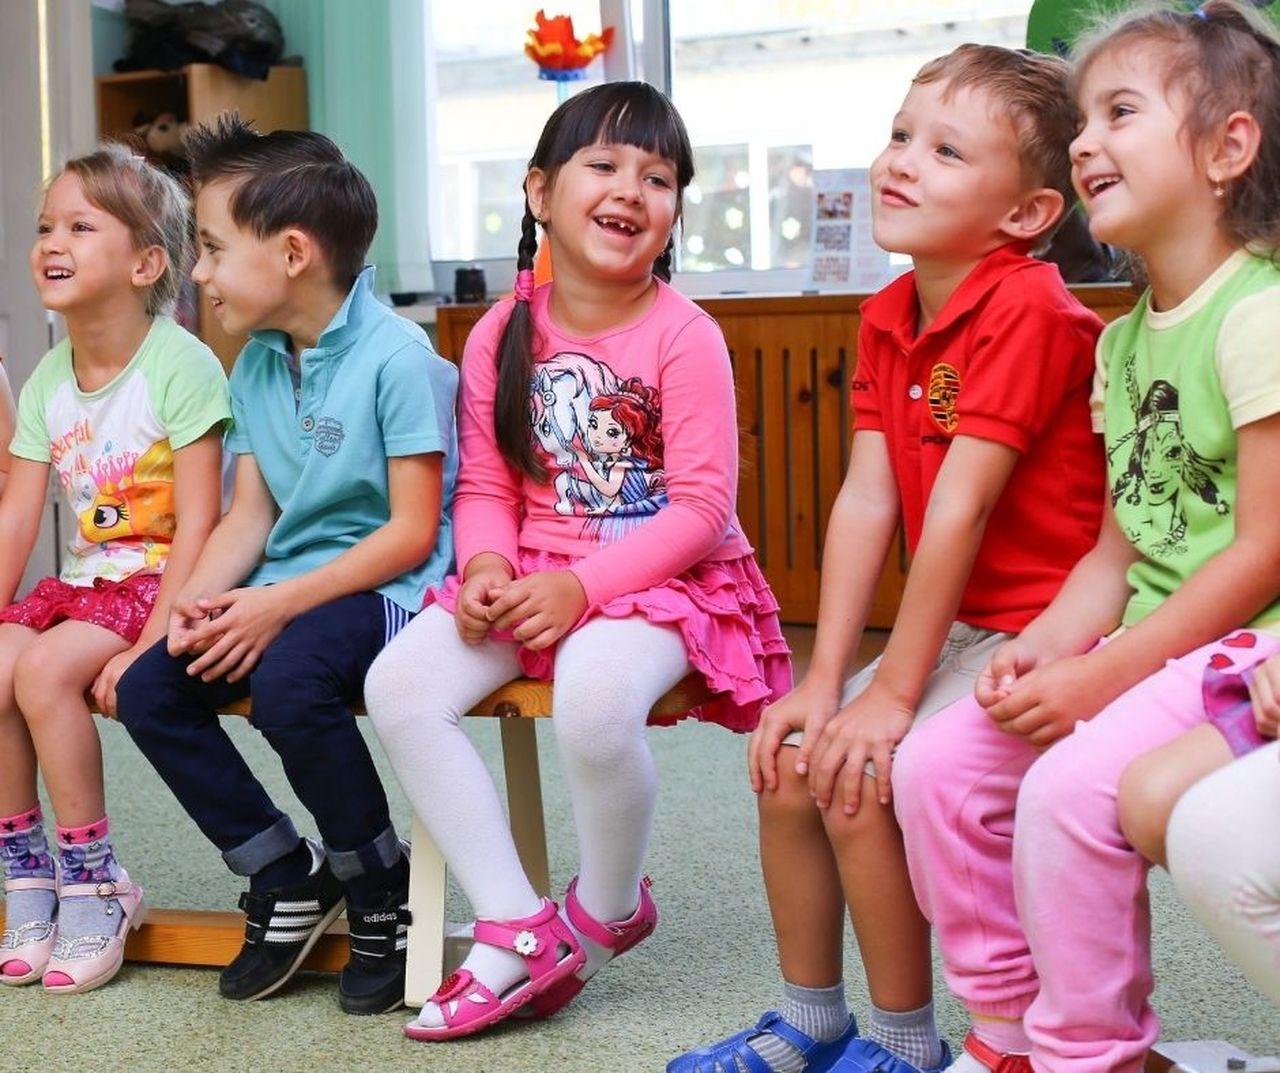 Rząd rozważa przedłużenie obostrzeń. Co  z przedszkolami, żłobkami i szkołami? - Zdjęcie główne